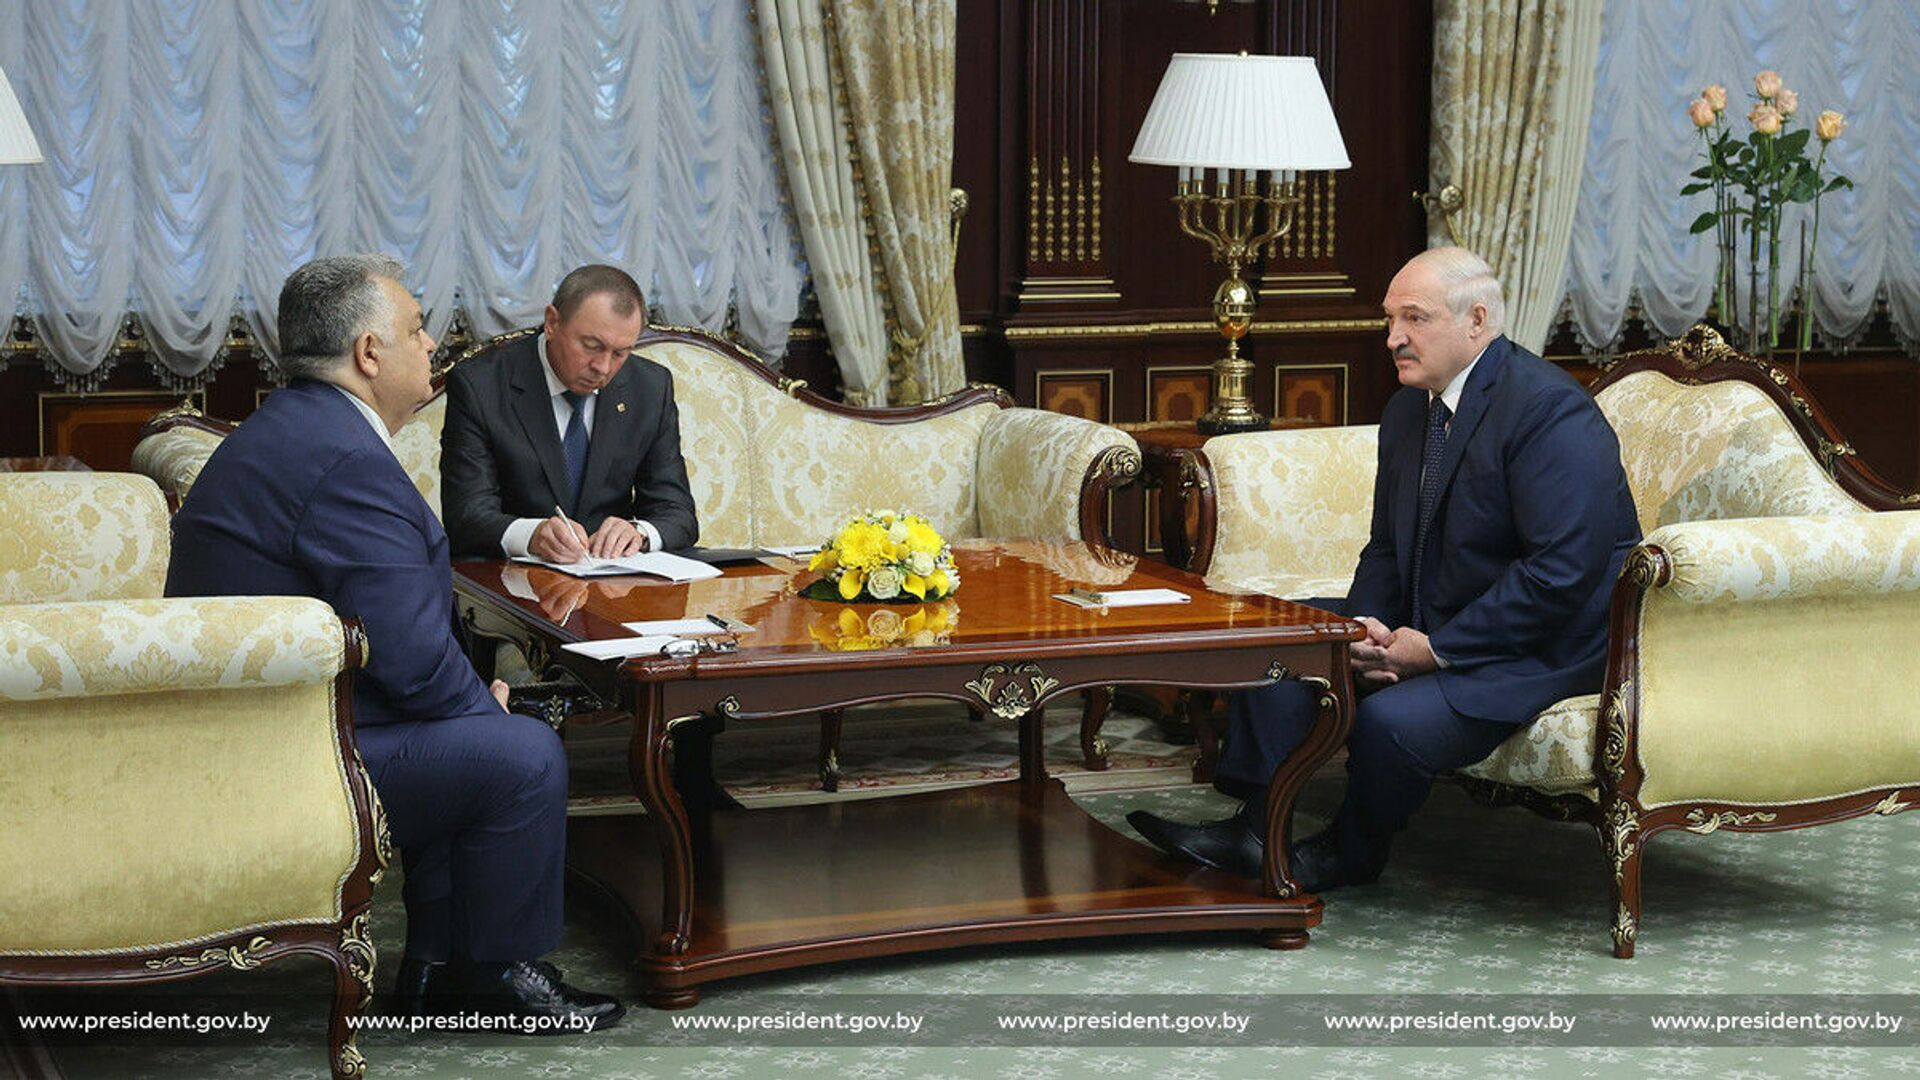 Азербайджан не прогнулся под давлением Запада: Лукашенко встретился с Гандиловым - Sputnik Азербайджан, 1920, 26.07.2021